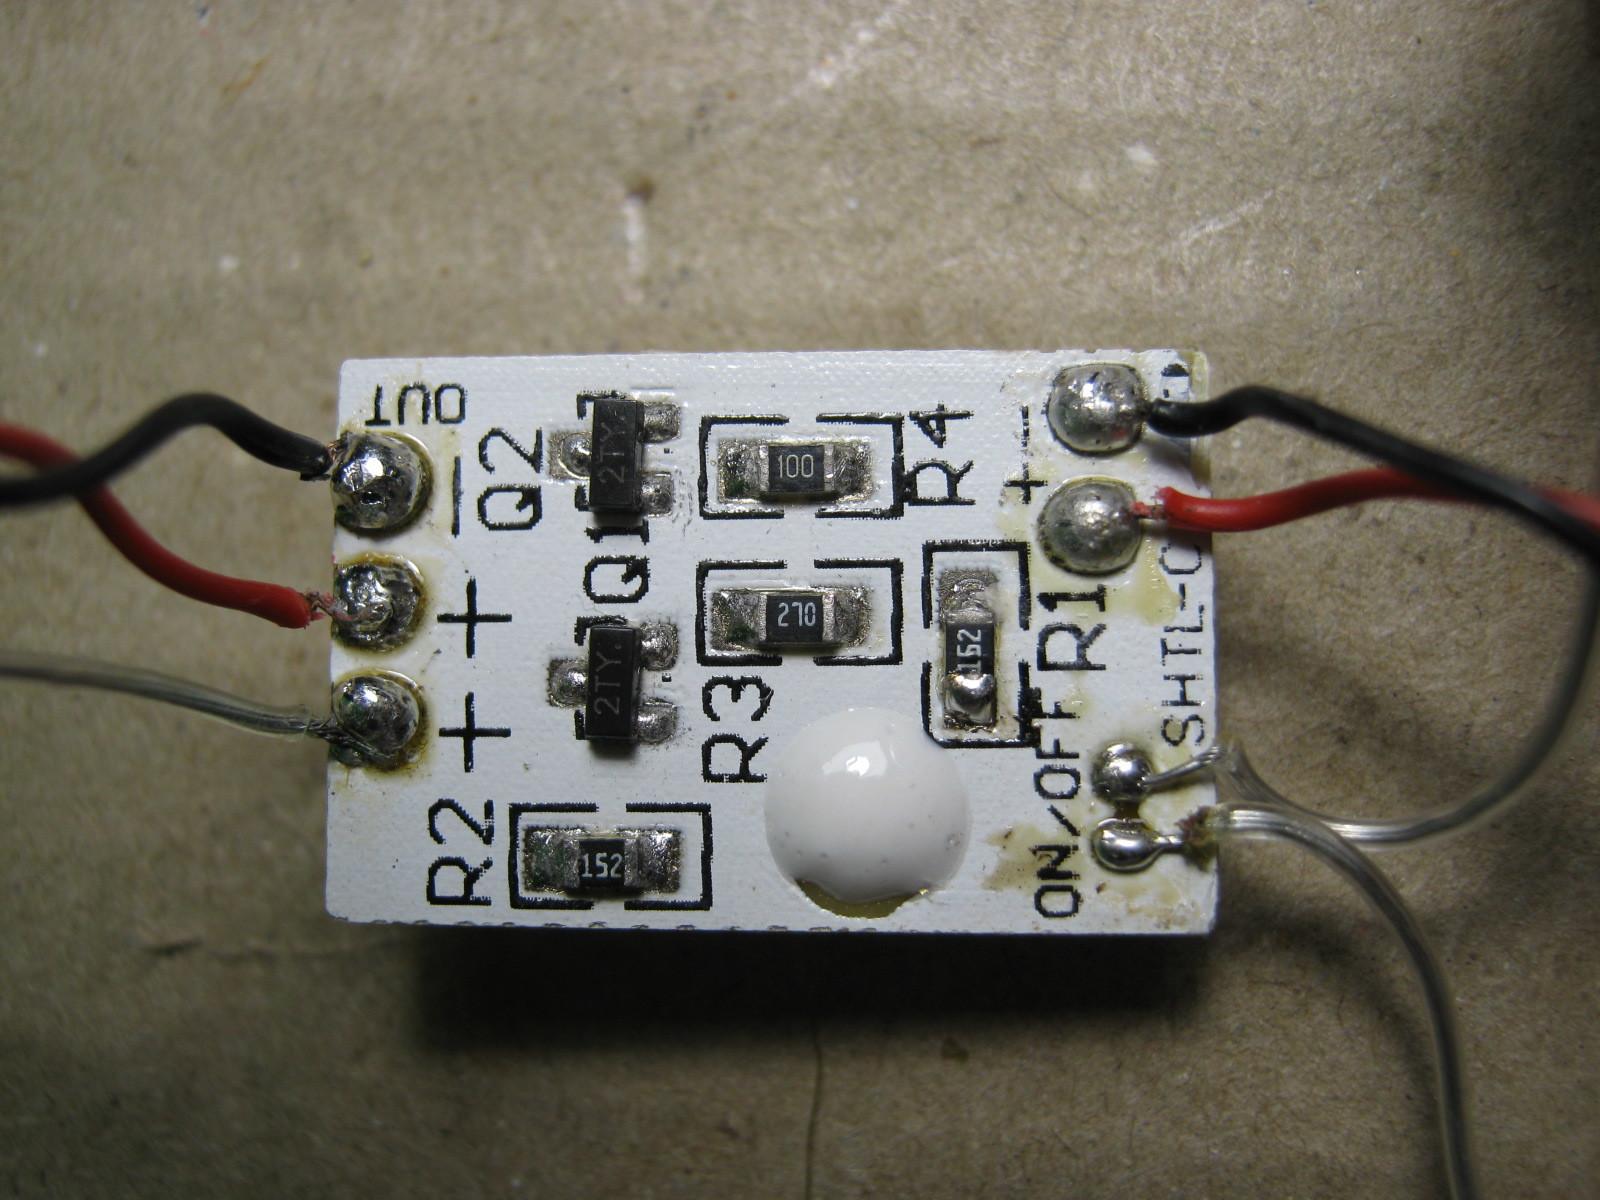 コンサートLEDライト(マイコン換装)元基板表